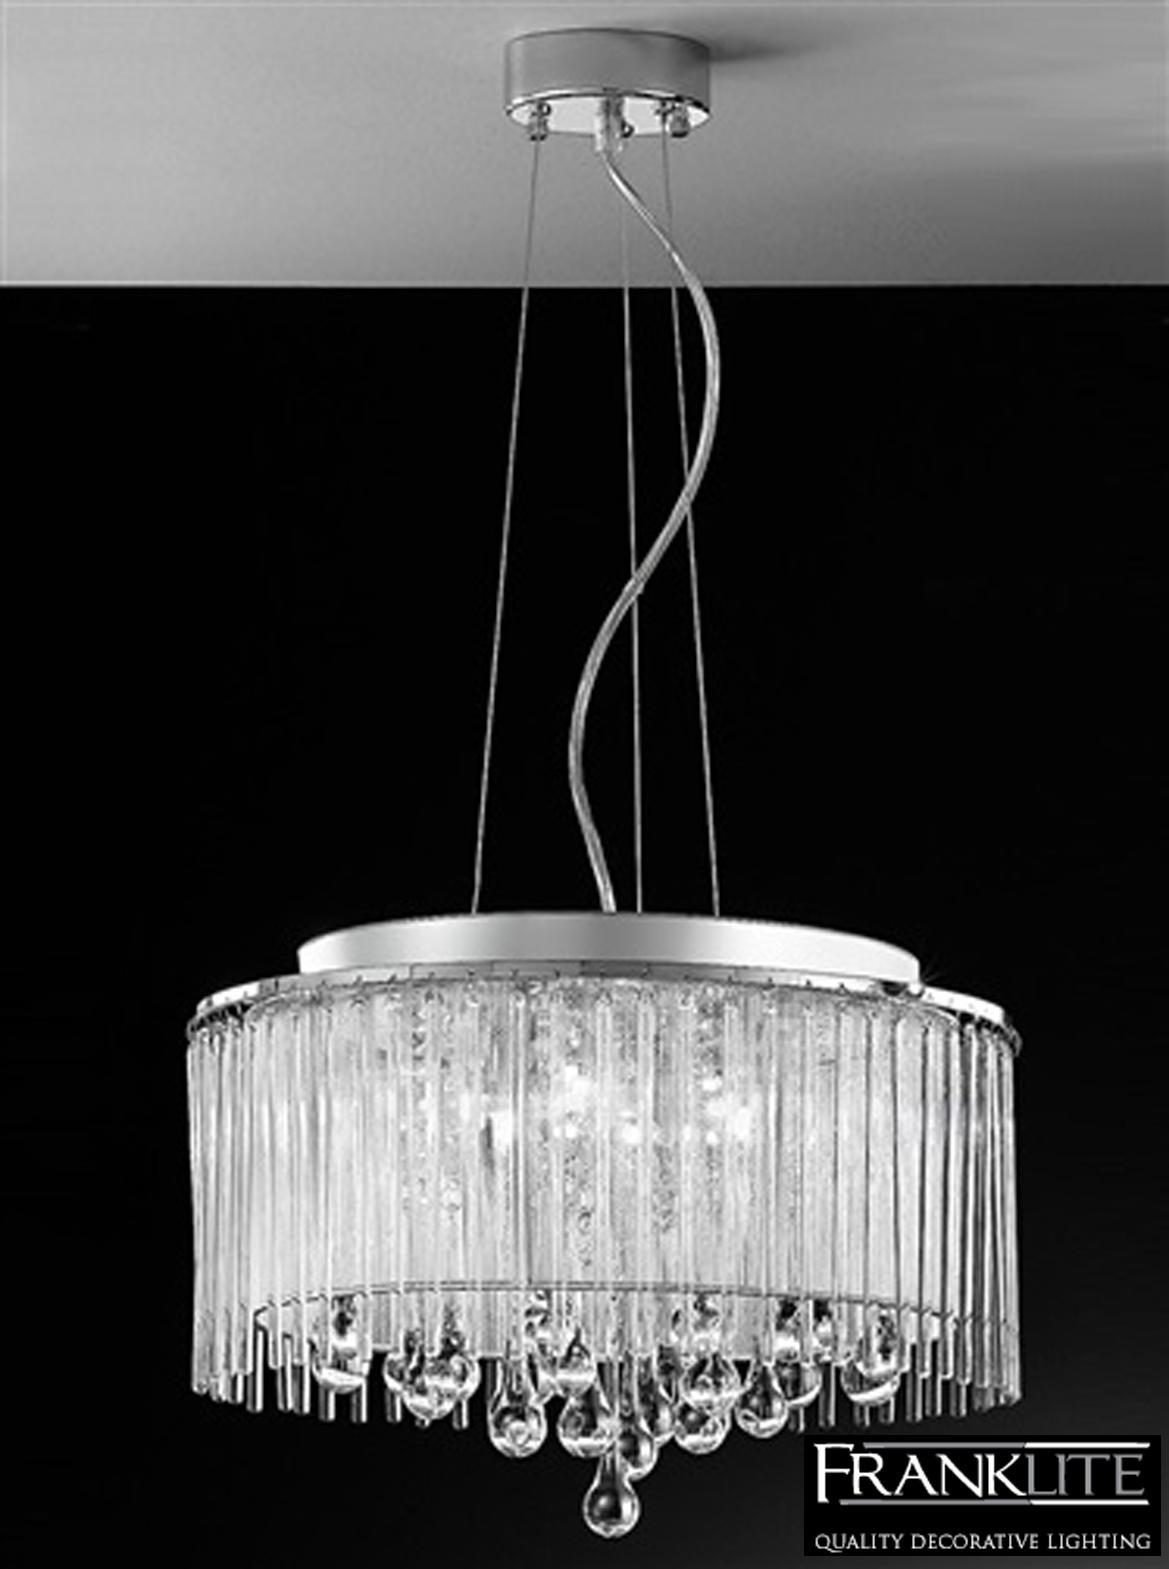 Franklite Spirit 6 Light Crystal Amp Chrome Pendant Ceiling Fitting Fl2161 6 From Easy Lighting